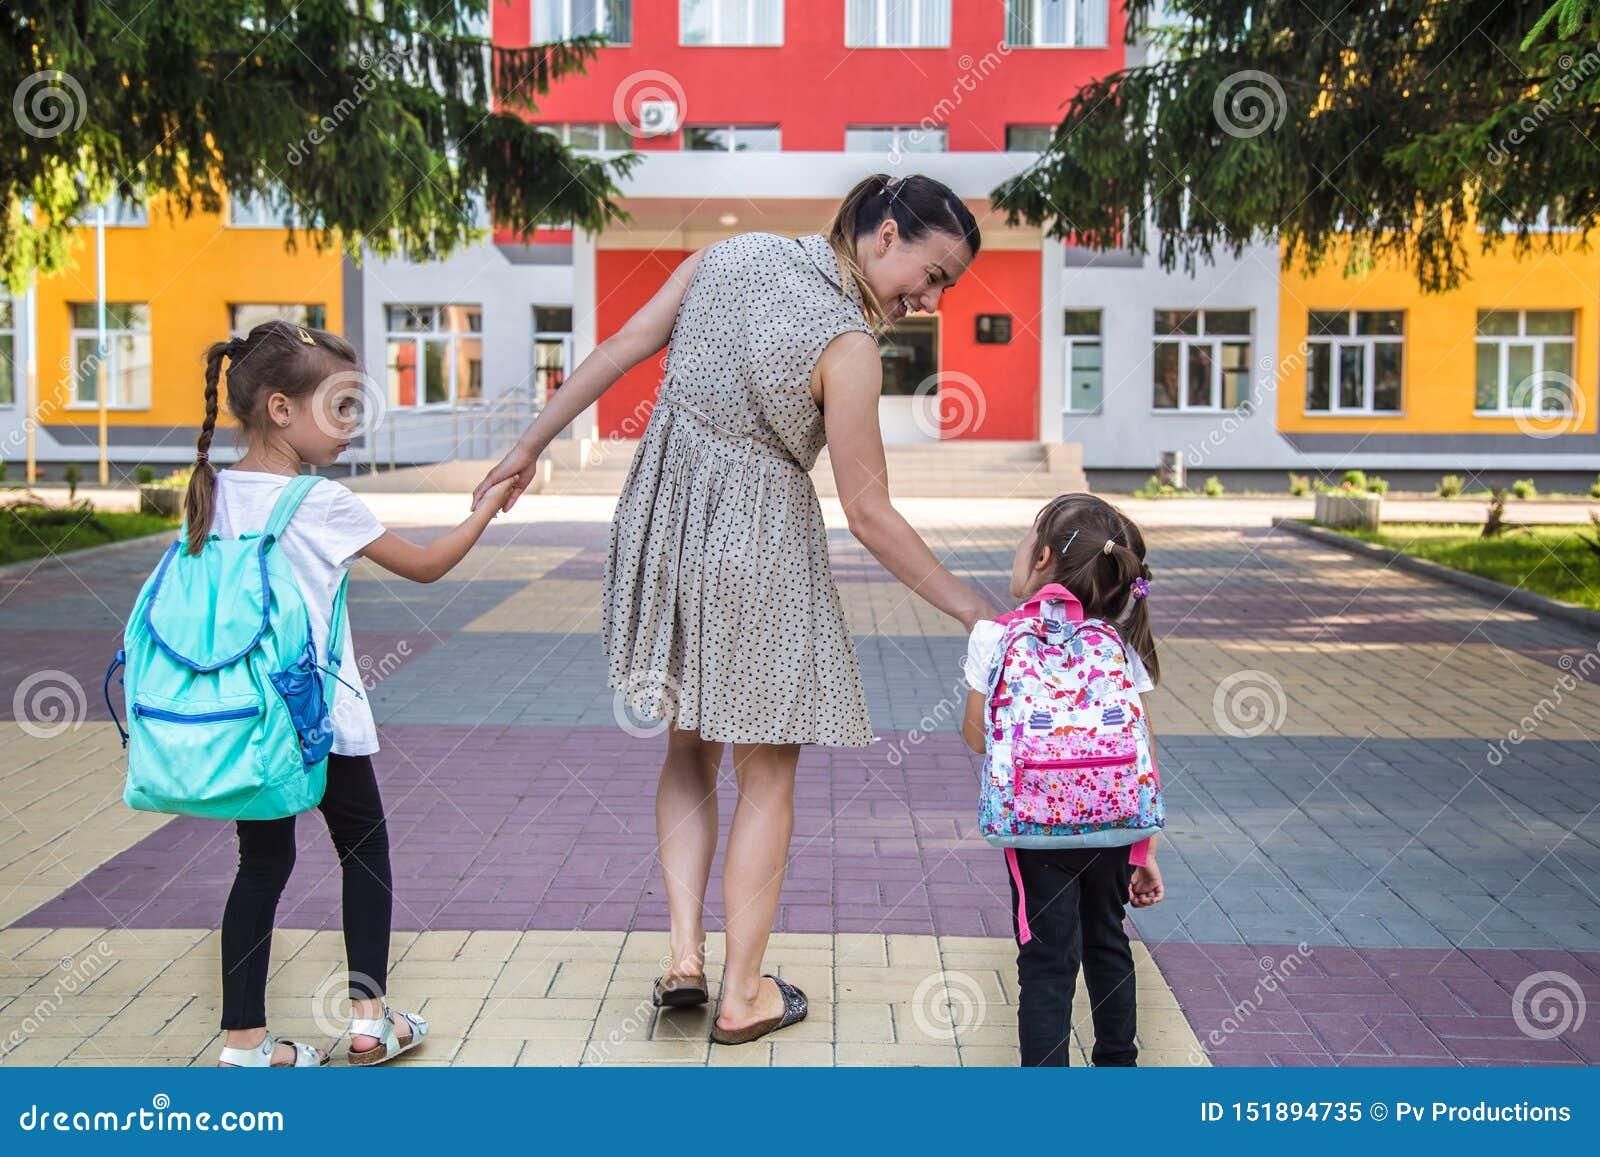 Назад к концепции школьного образования с детьми девушки, элементарные студенты, рюкзаки нося идя классифицировать